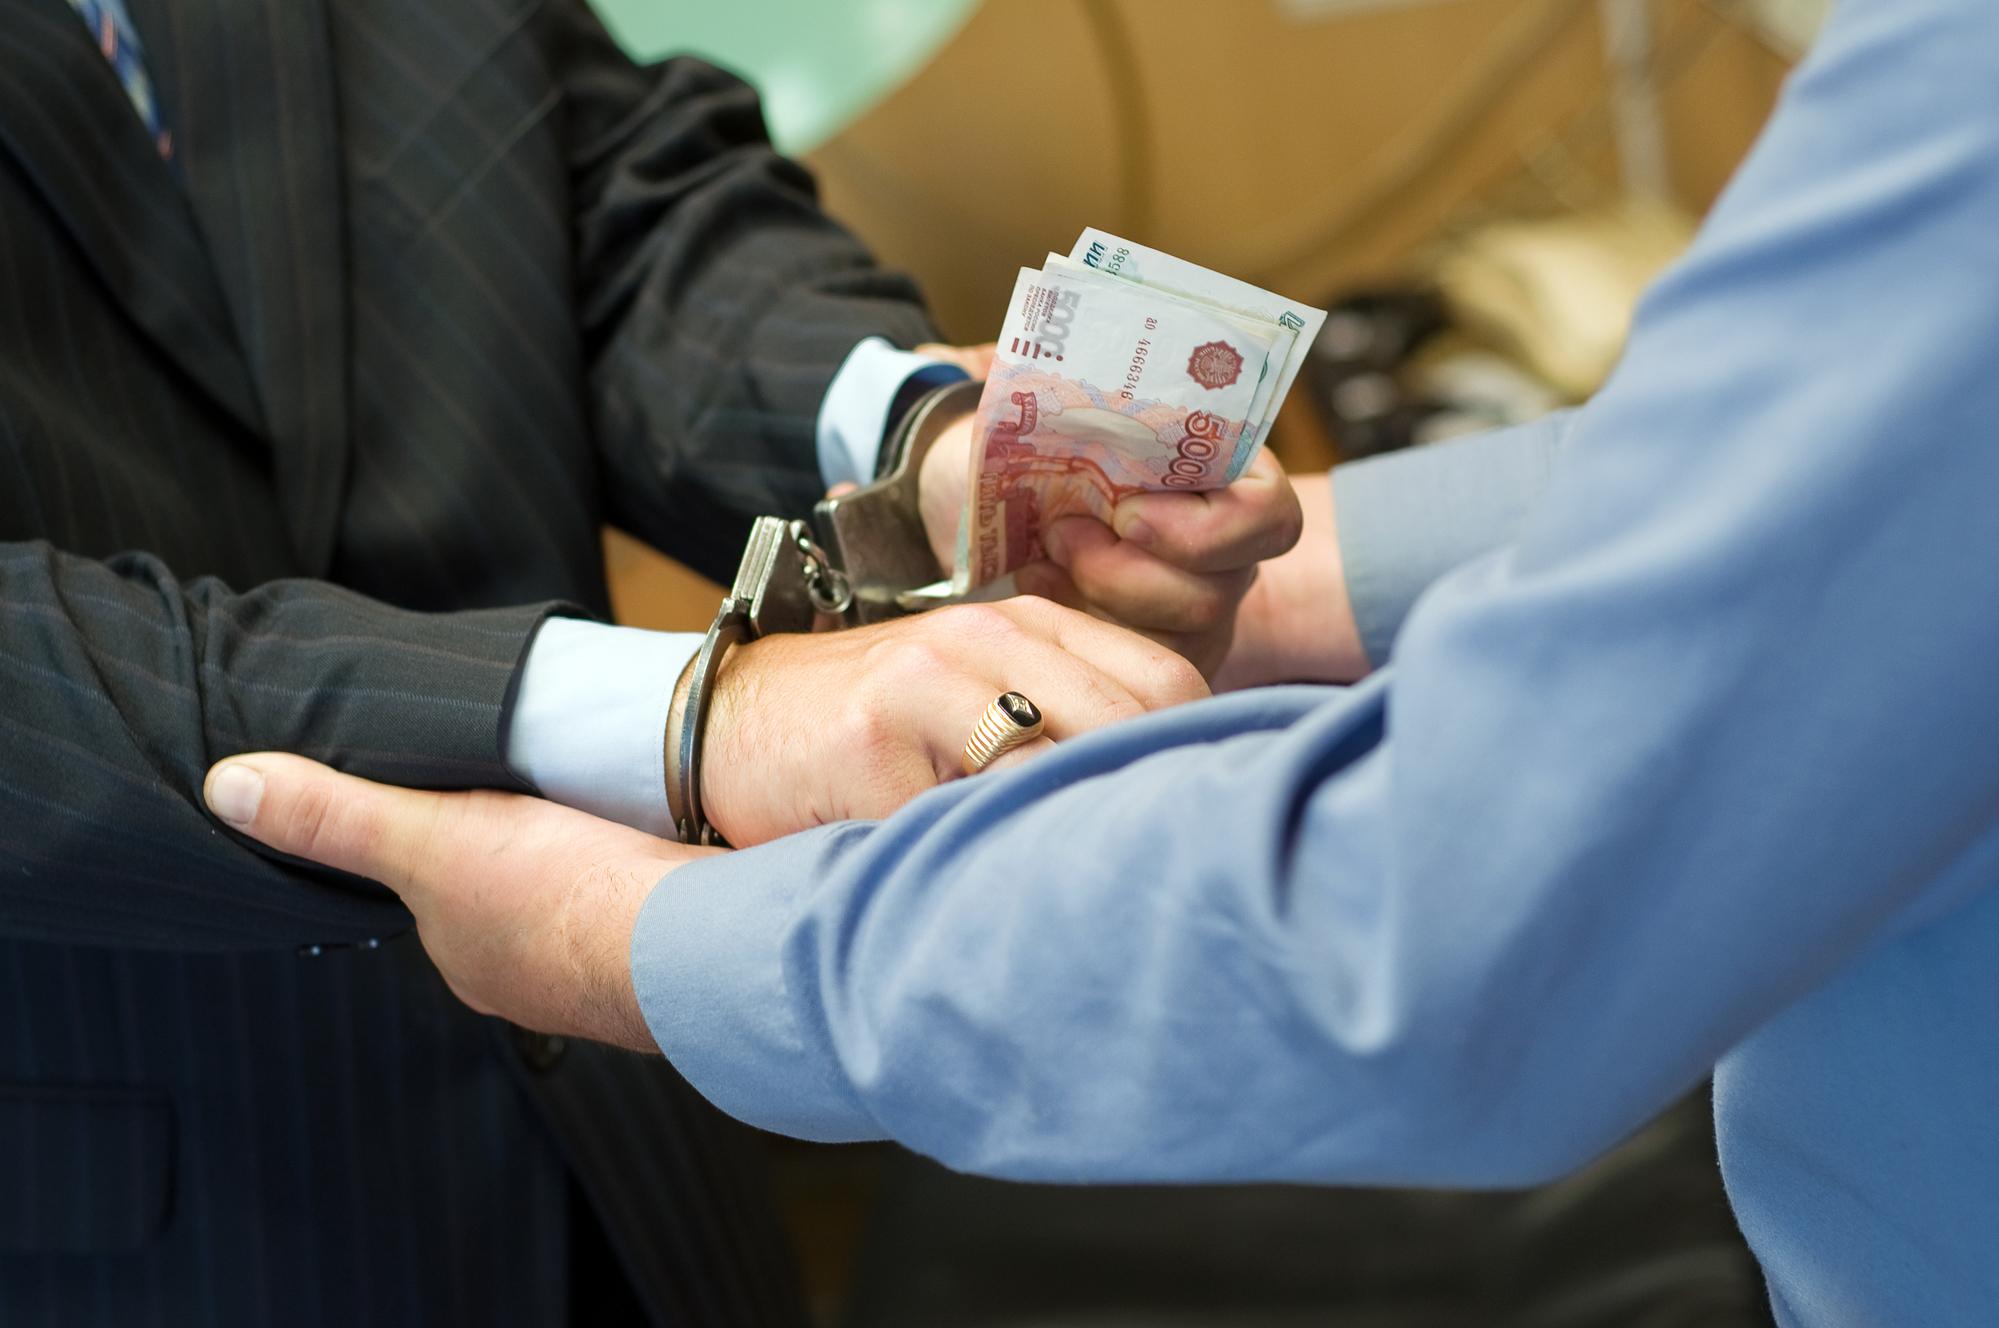 В Крыму предприниматель пытался подкупить сотрудника МФЦ